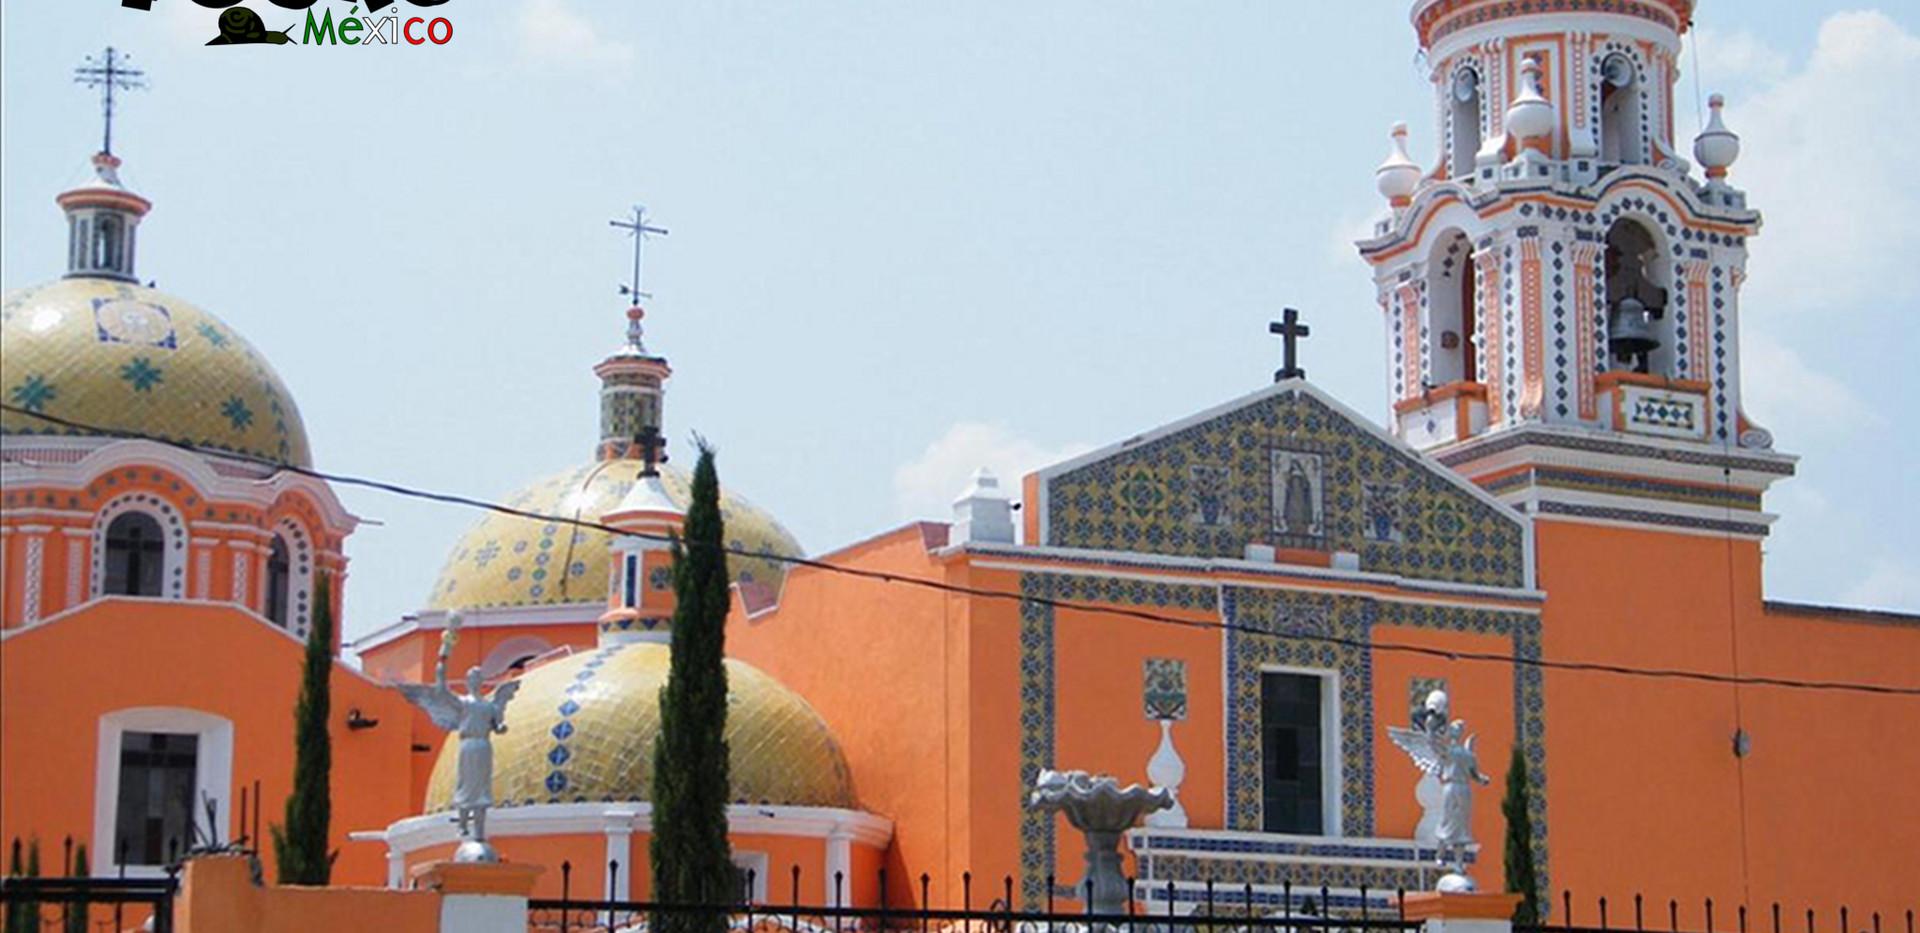 Cholula y Puebla 6.jpg